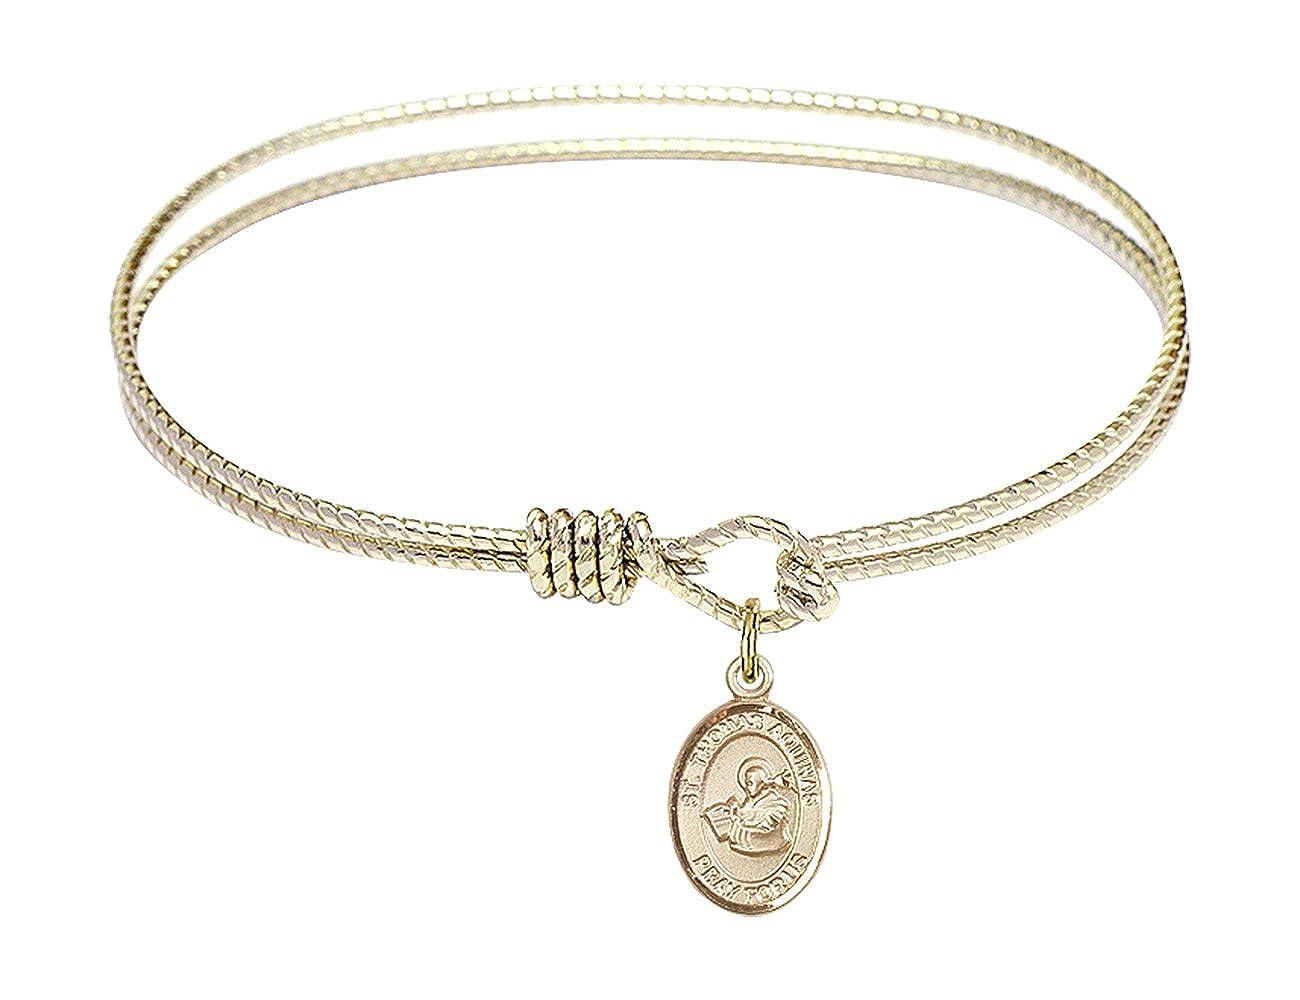 Thomas Aquinas charm. 6 1//4 inch Oval Eye Hook Bangle Bracelet with a St